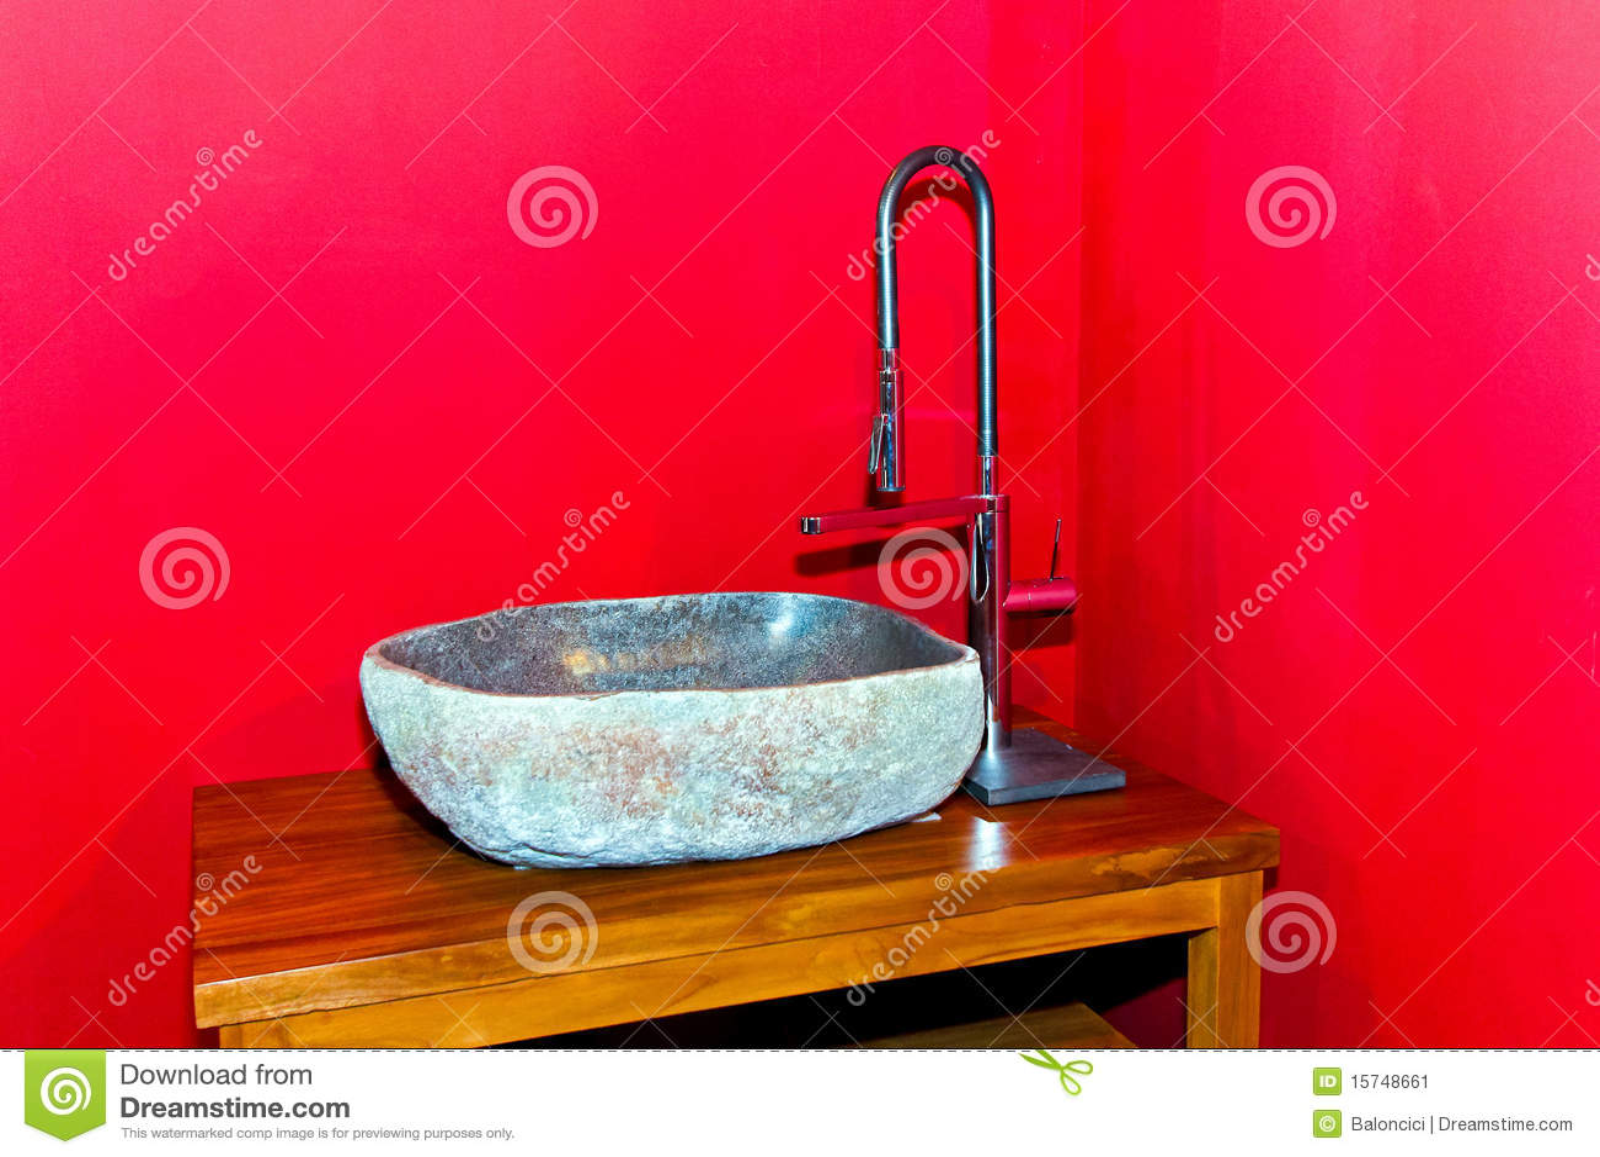 Fregadero de piedra imagen de archivo imagen 15748661 - Fregaderos de piedra ...